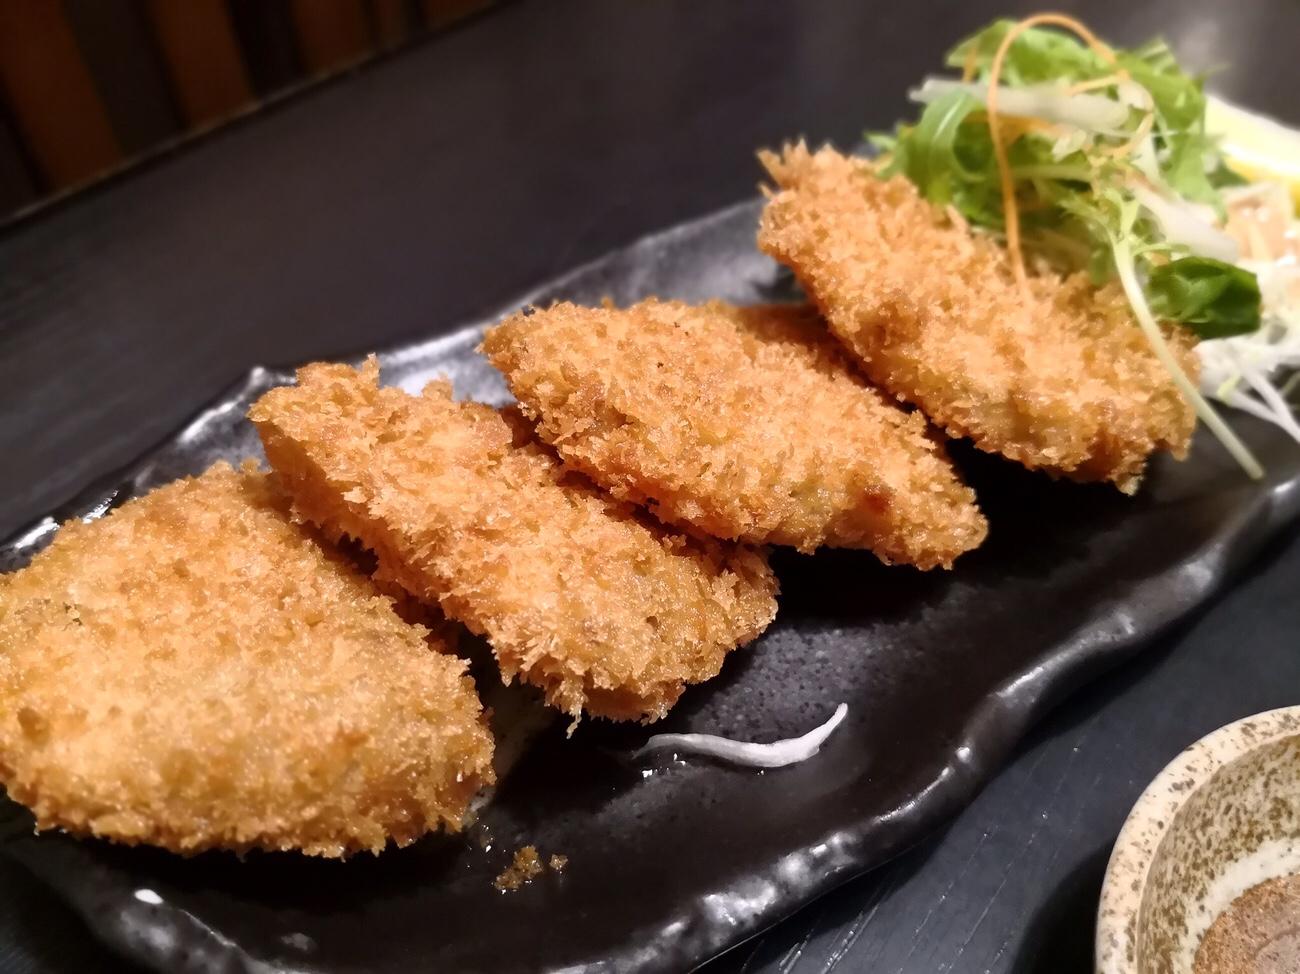 ふじの坊 喜膳 メニュー 掛川駅ランチで食べた黒はんぺん